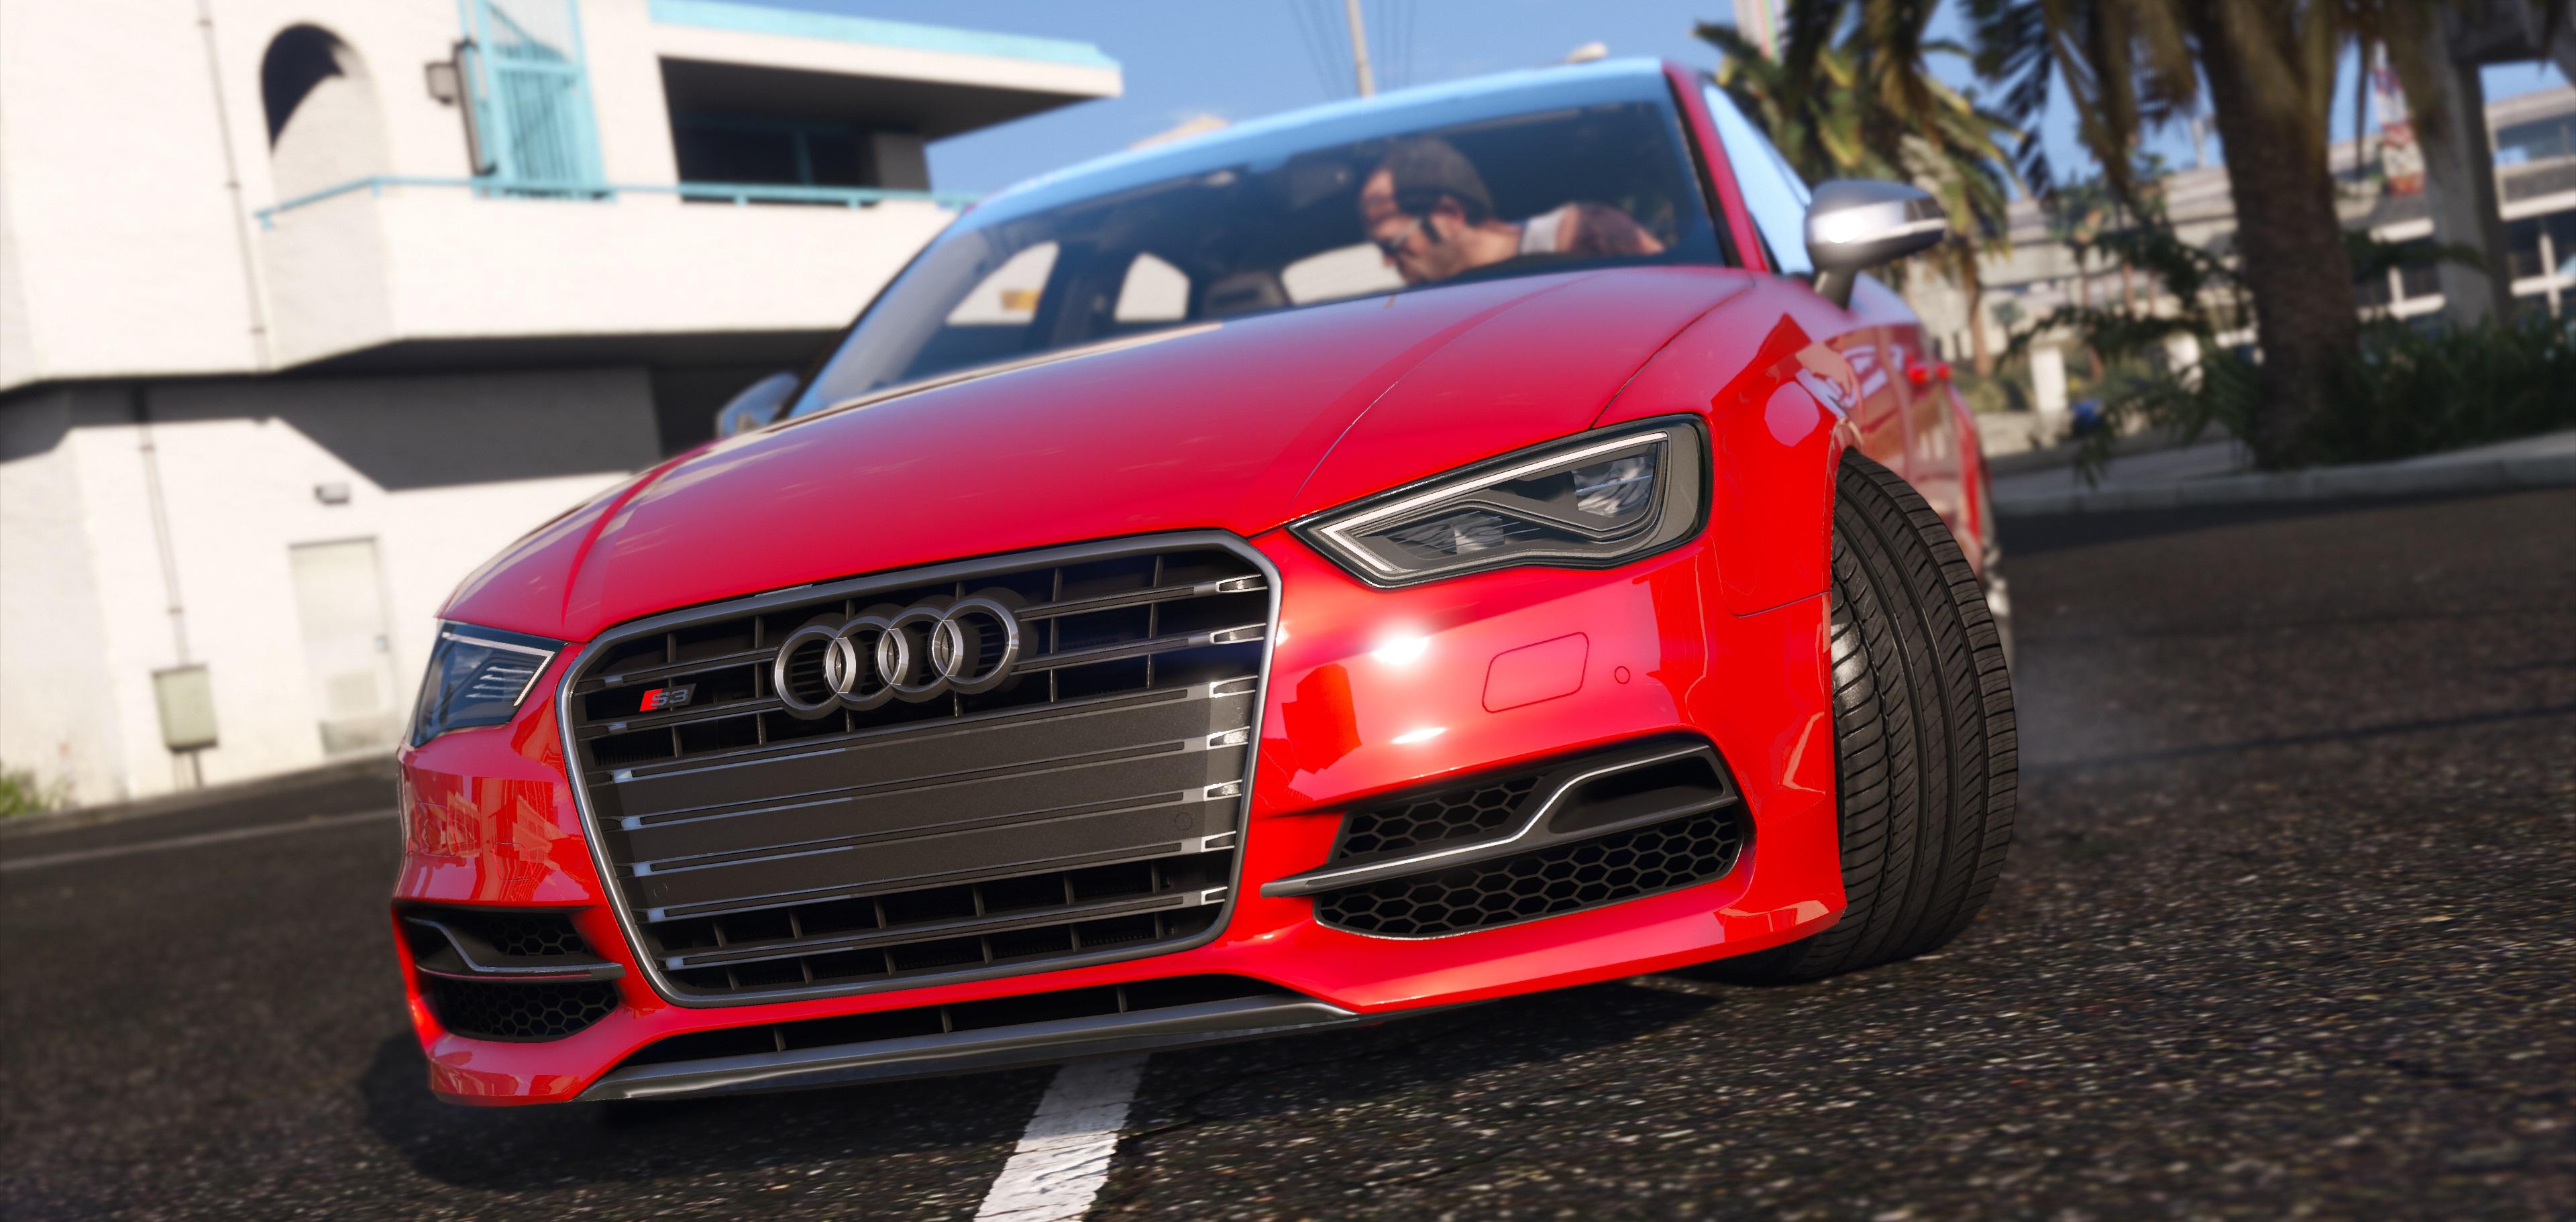 2015 Audi A3 S3 Sedan Gta5 Mods Com